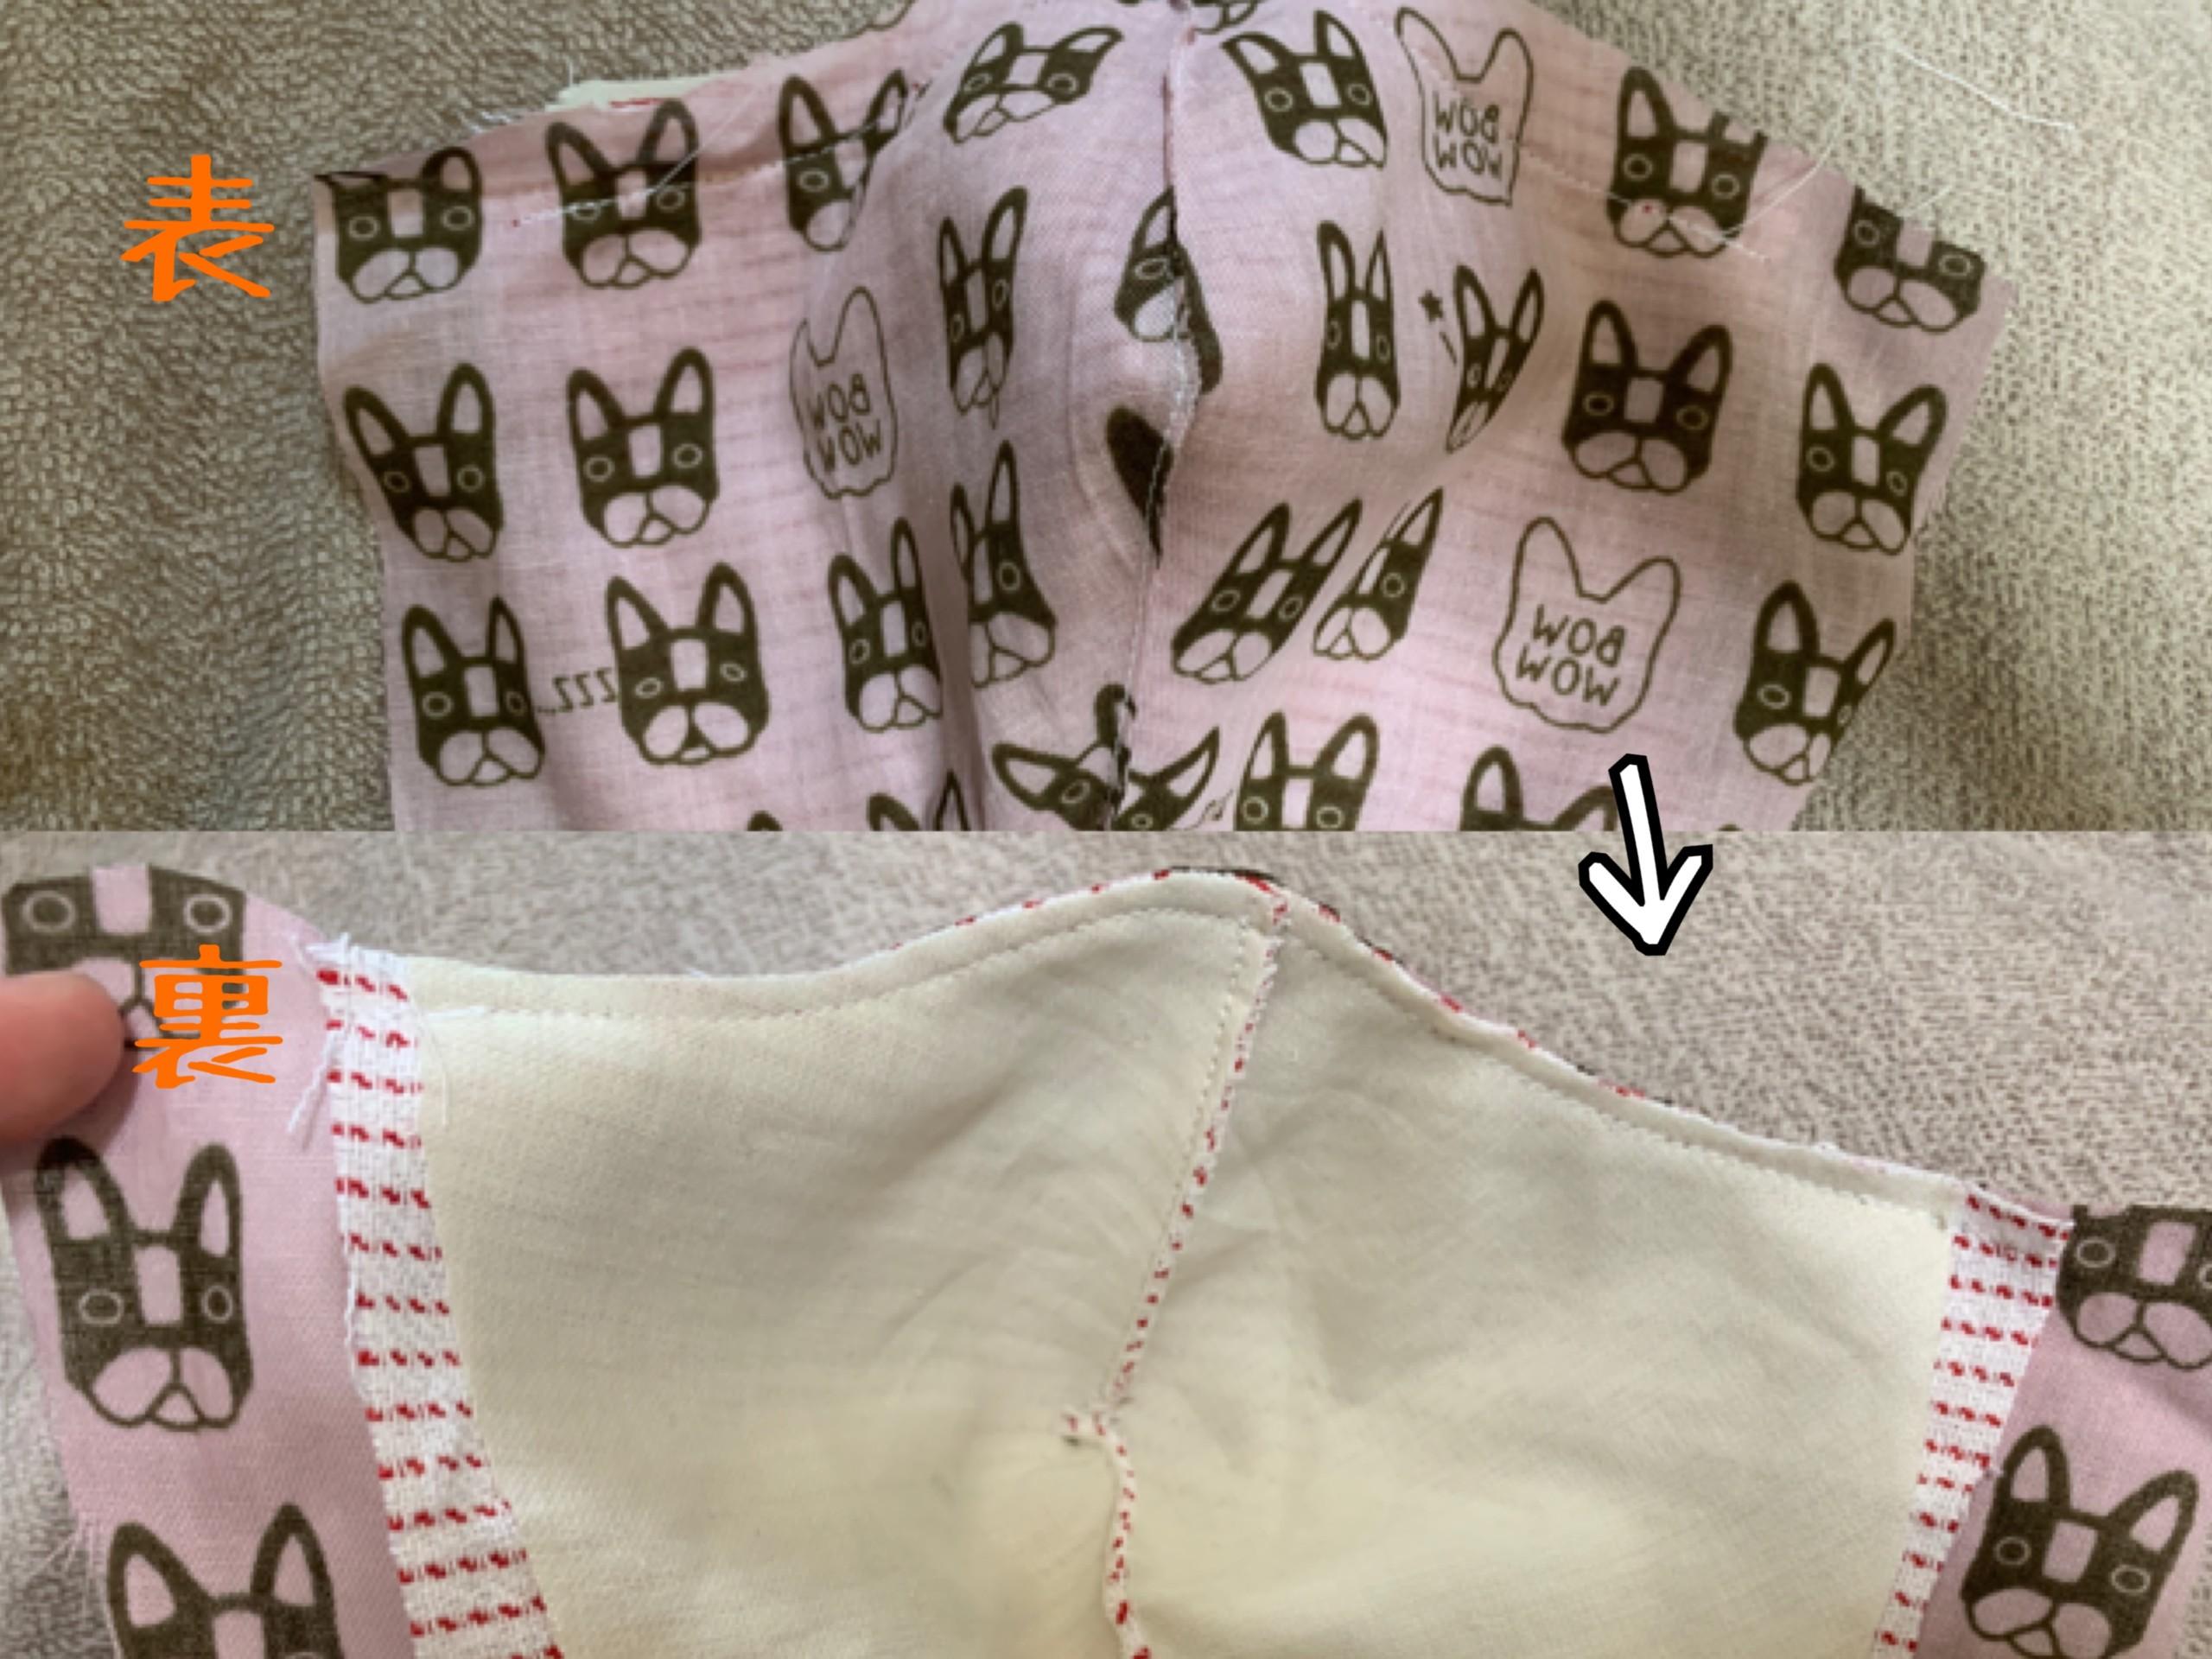 マスクの裏表を縫い、形を整えるために切った写真